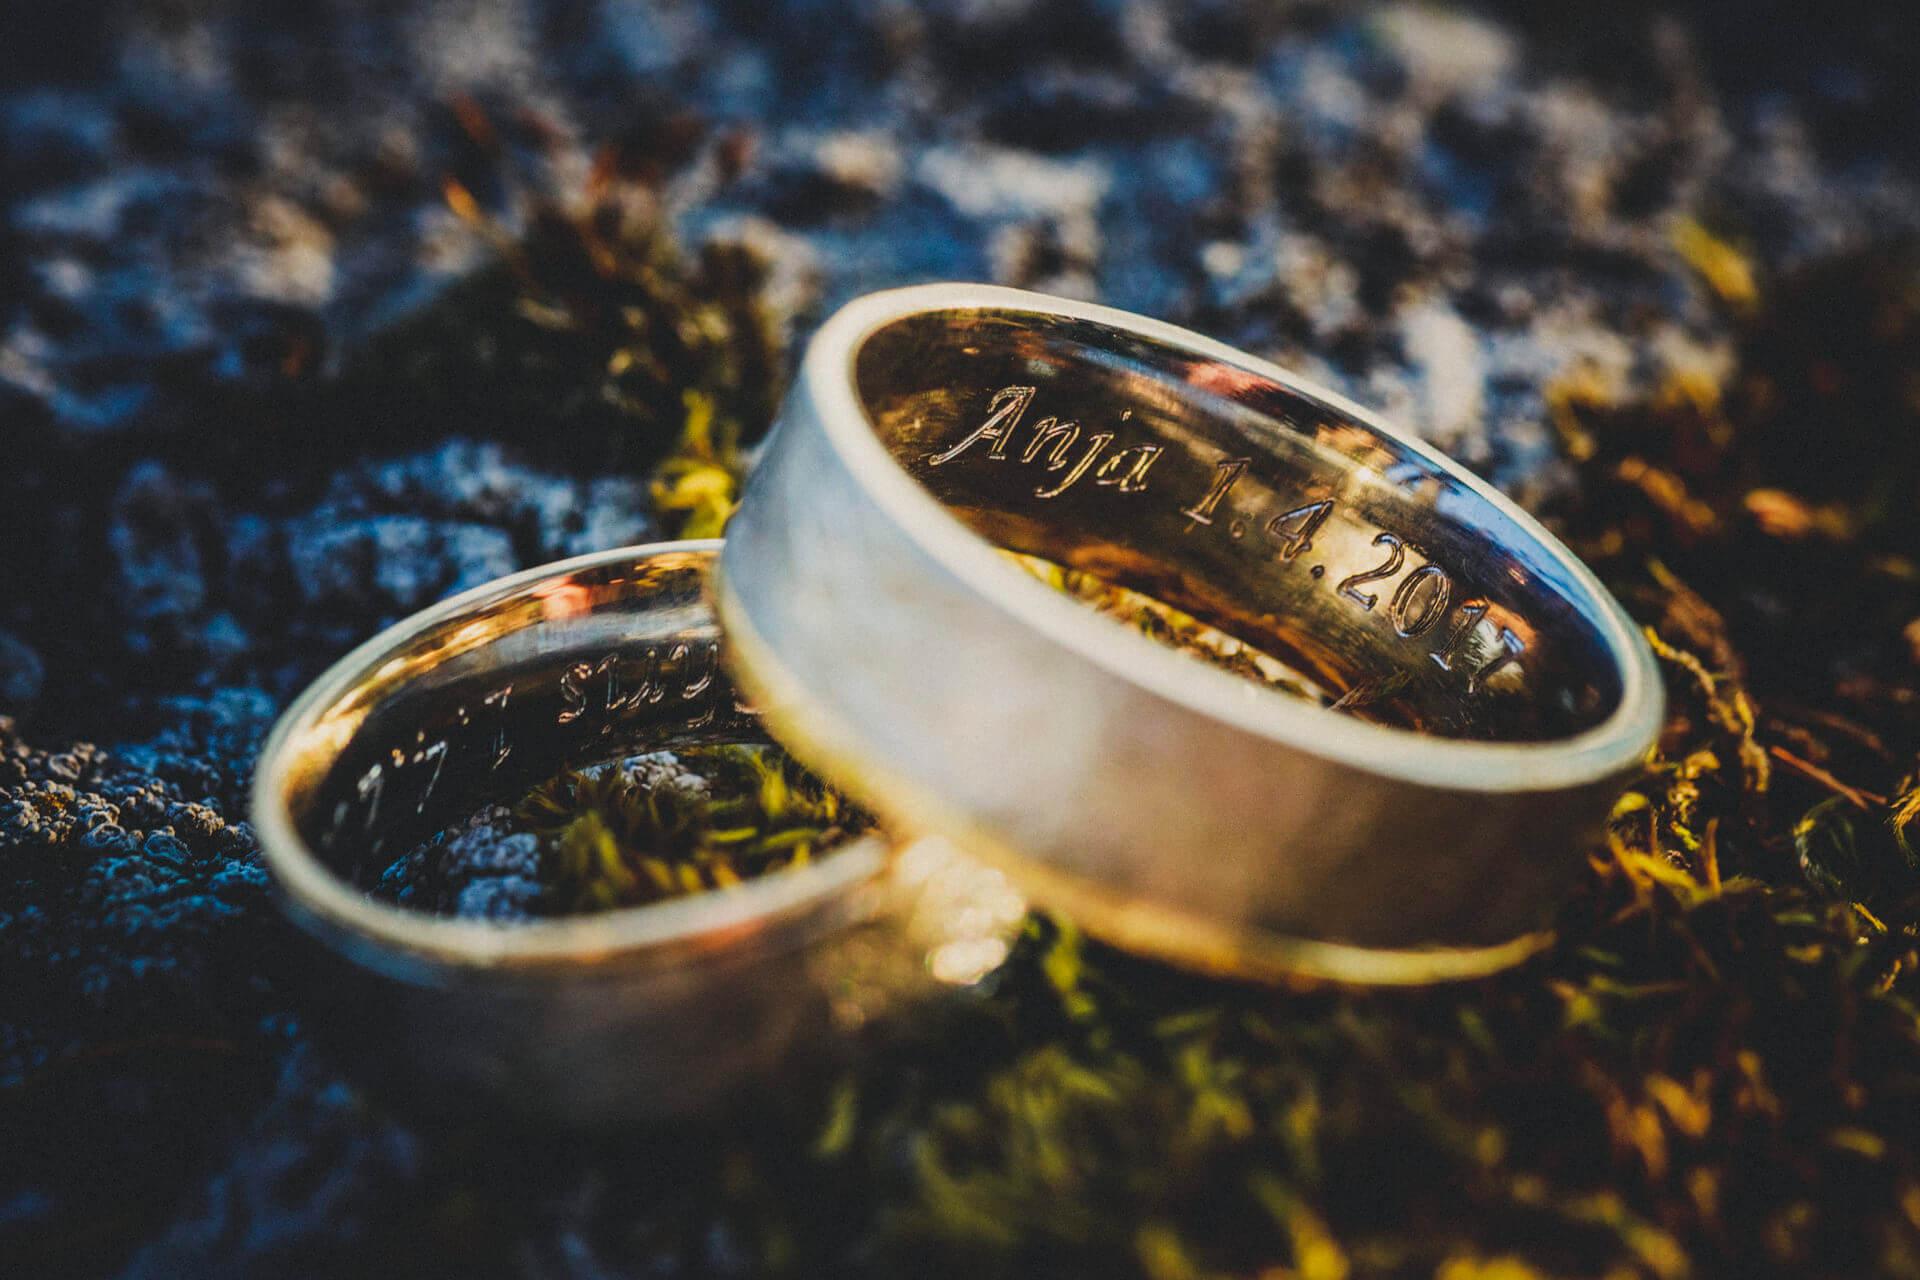 Hochzeitsfotograf Lollar - Hochzeitslocation Burg Staufenberg - kreative und schöne Trauring-Bilder